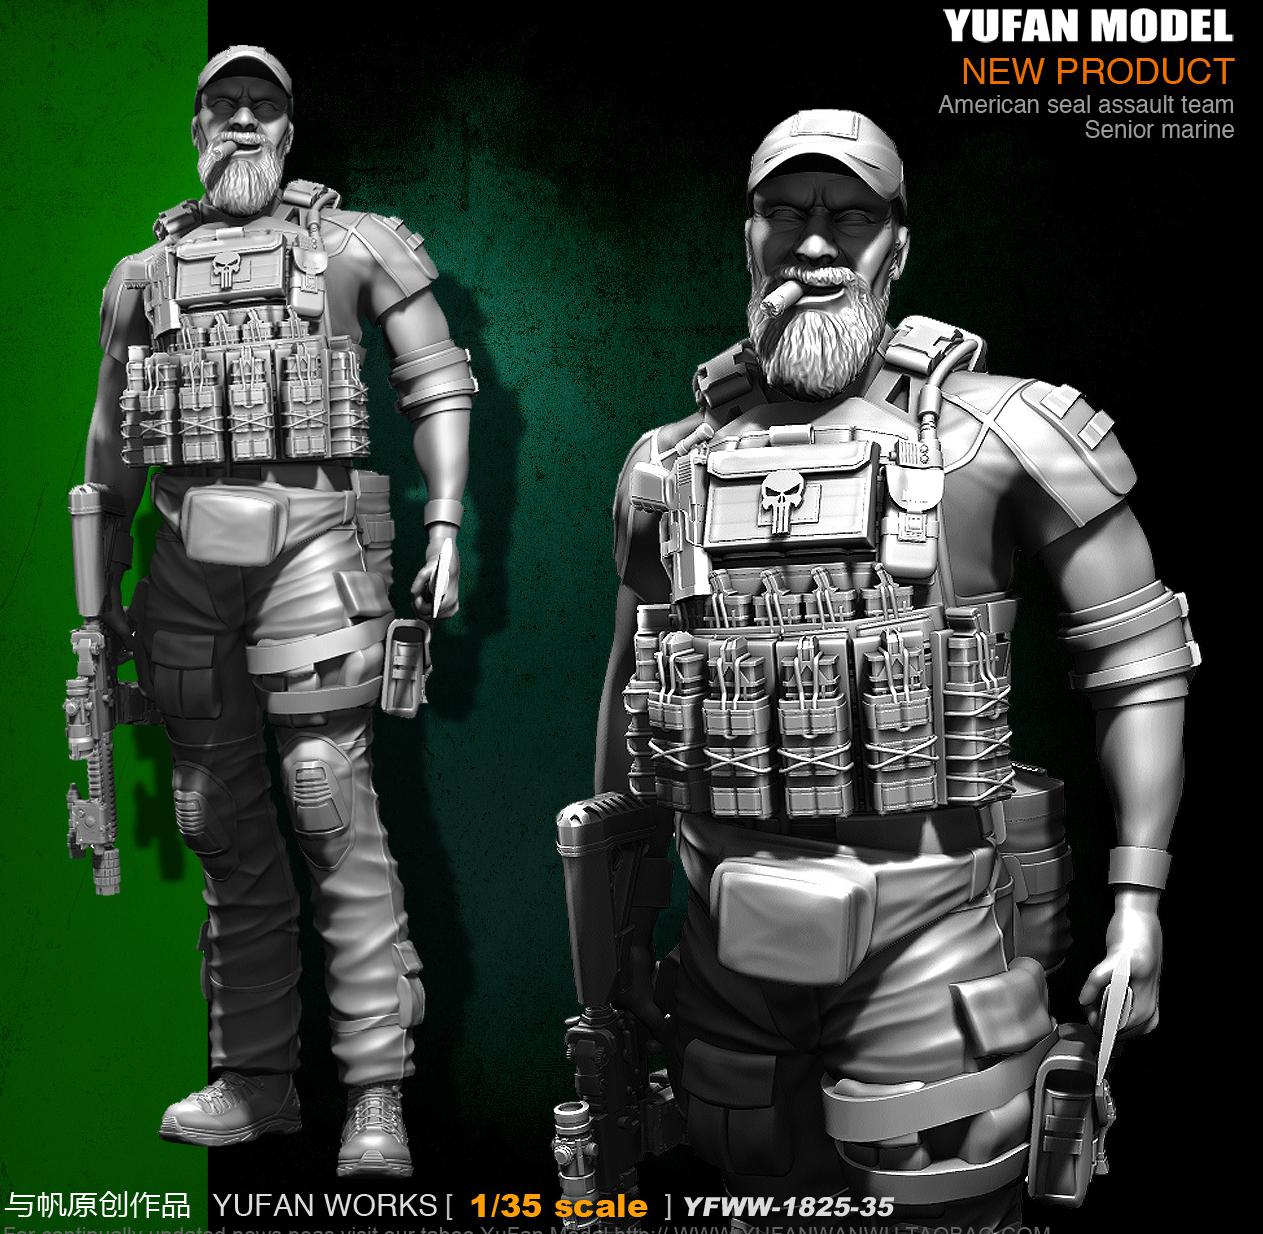 Yufan Model 1/35 Resin Soldier Figure Model Kit YFWW35-1825